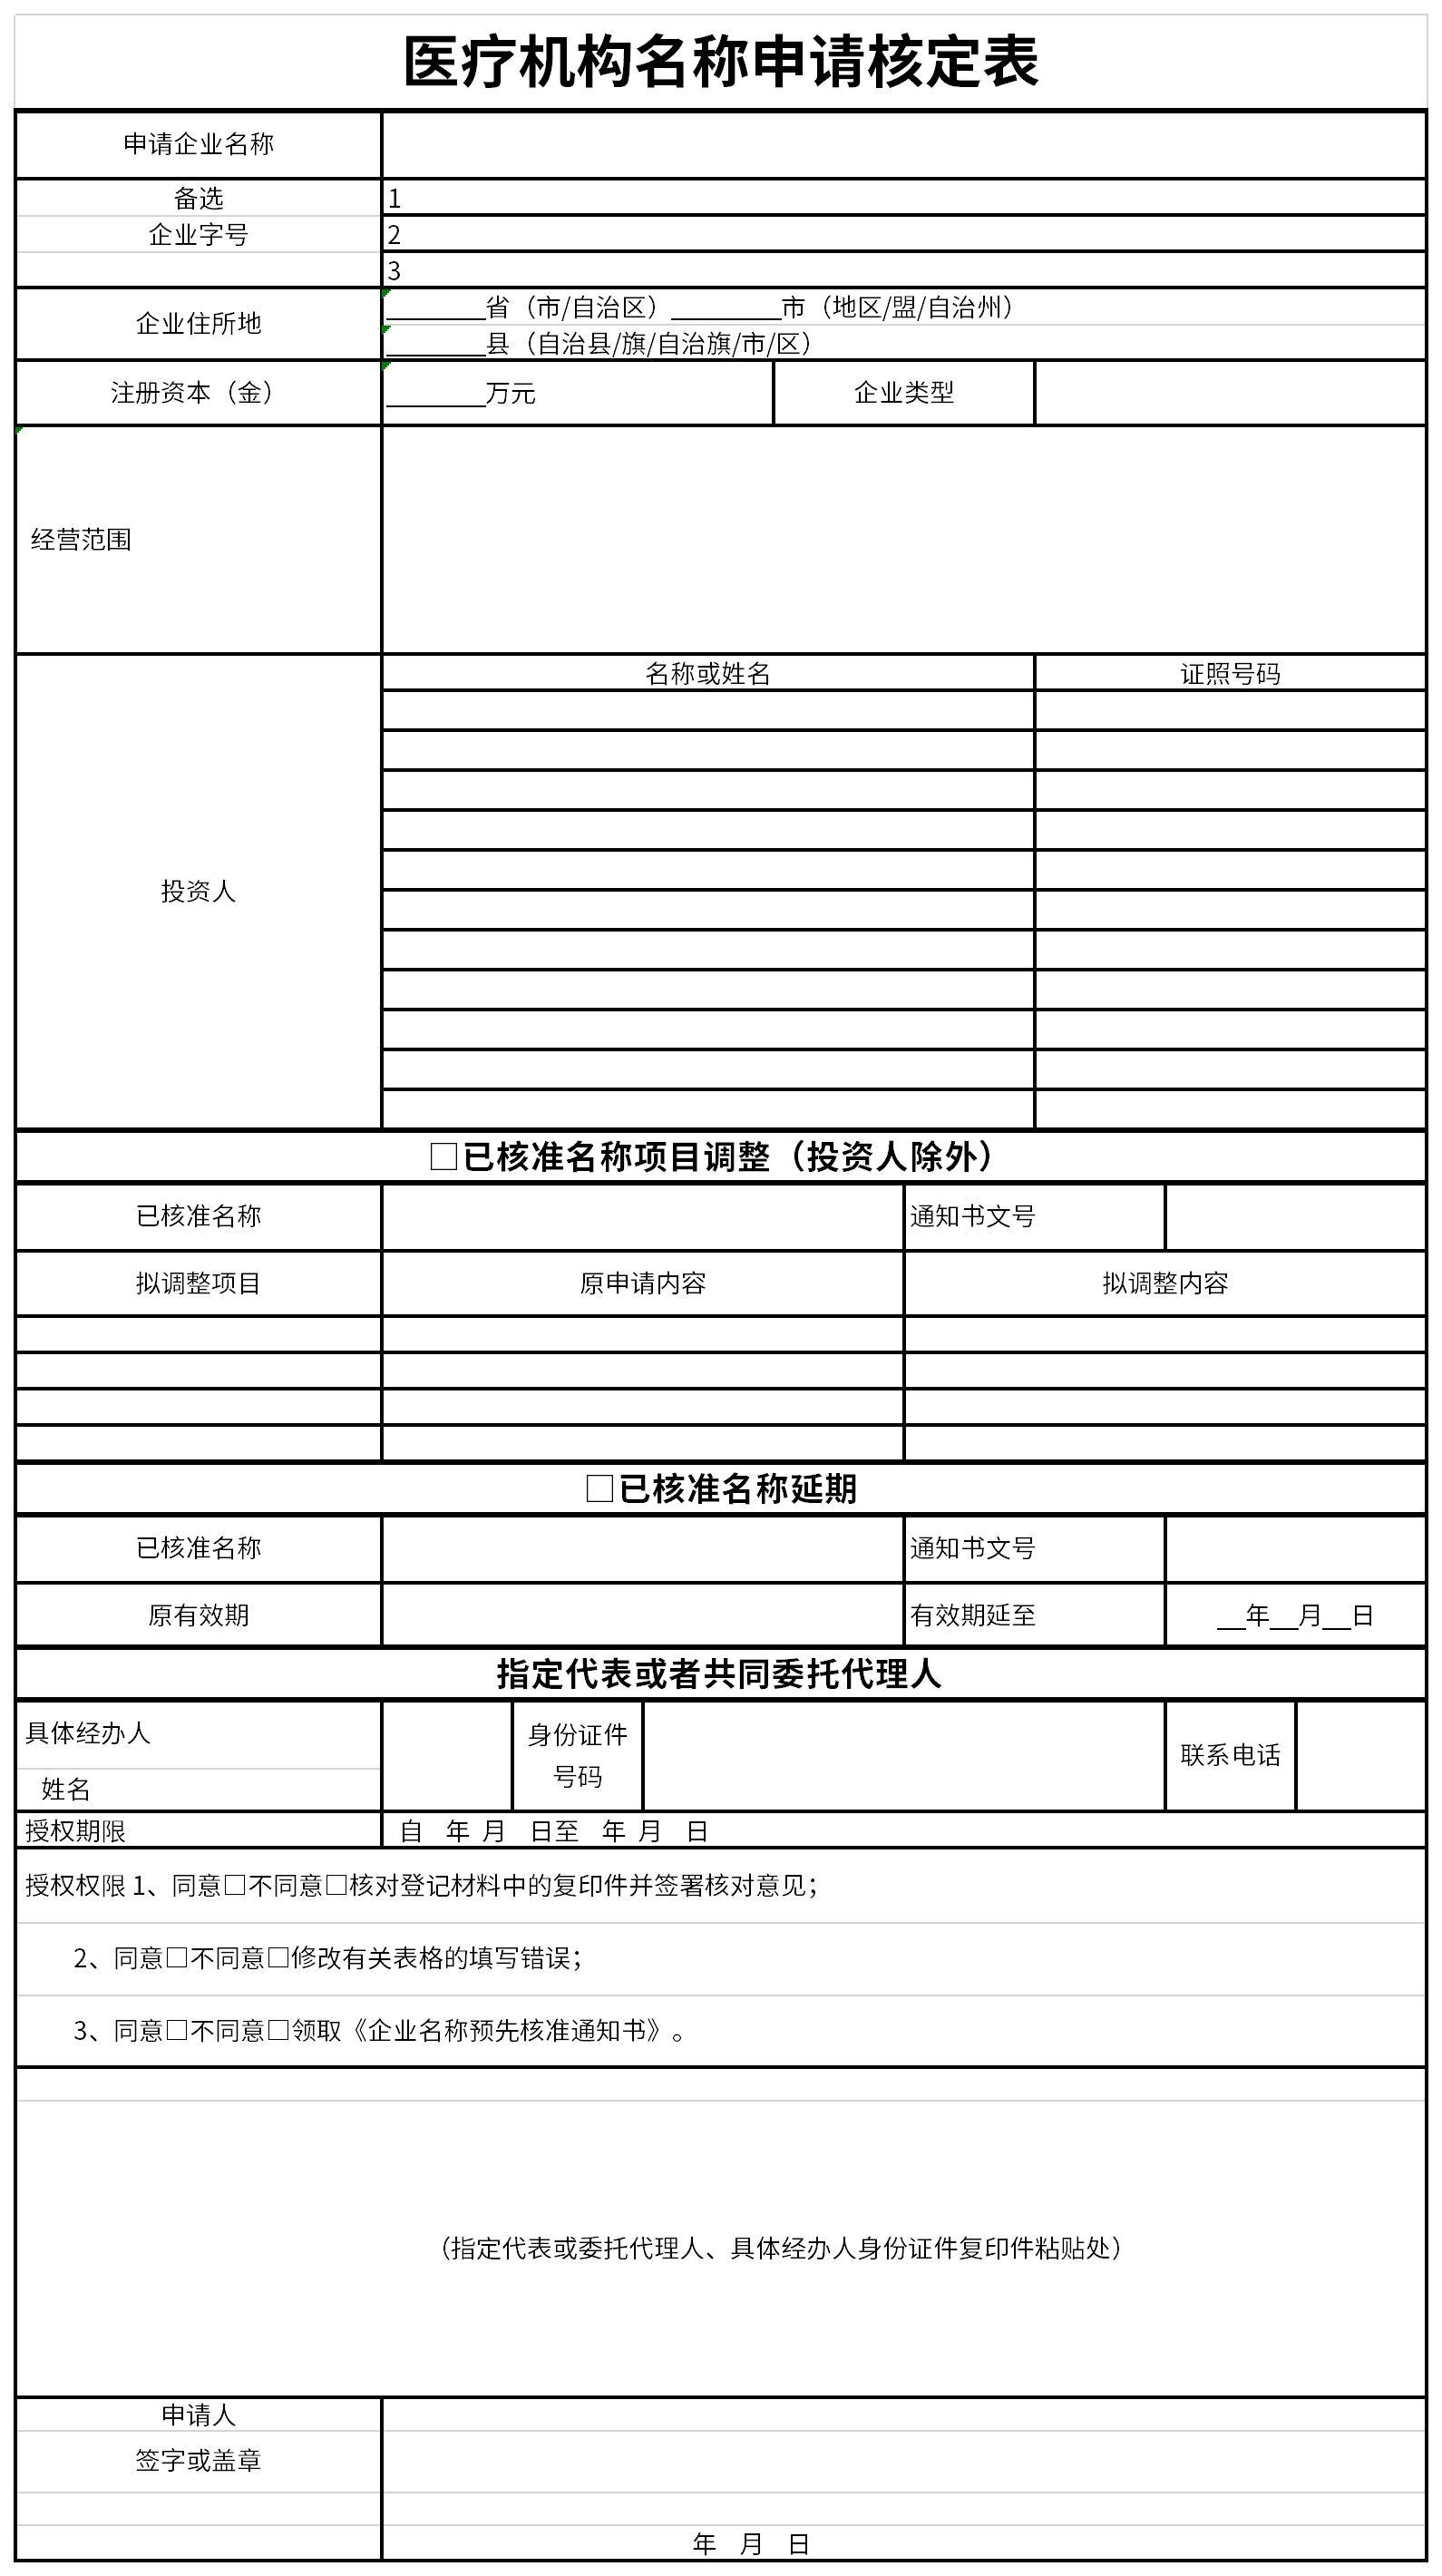 医疗机构名称申请核定表截图